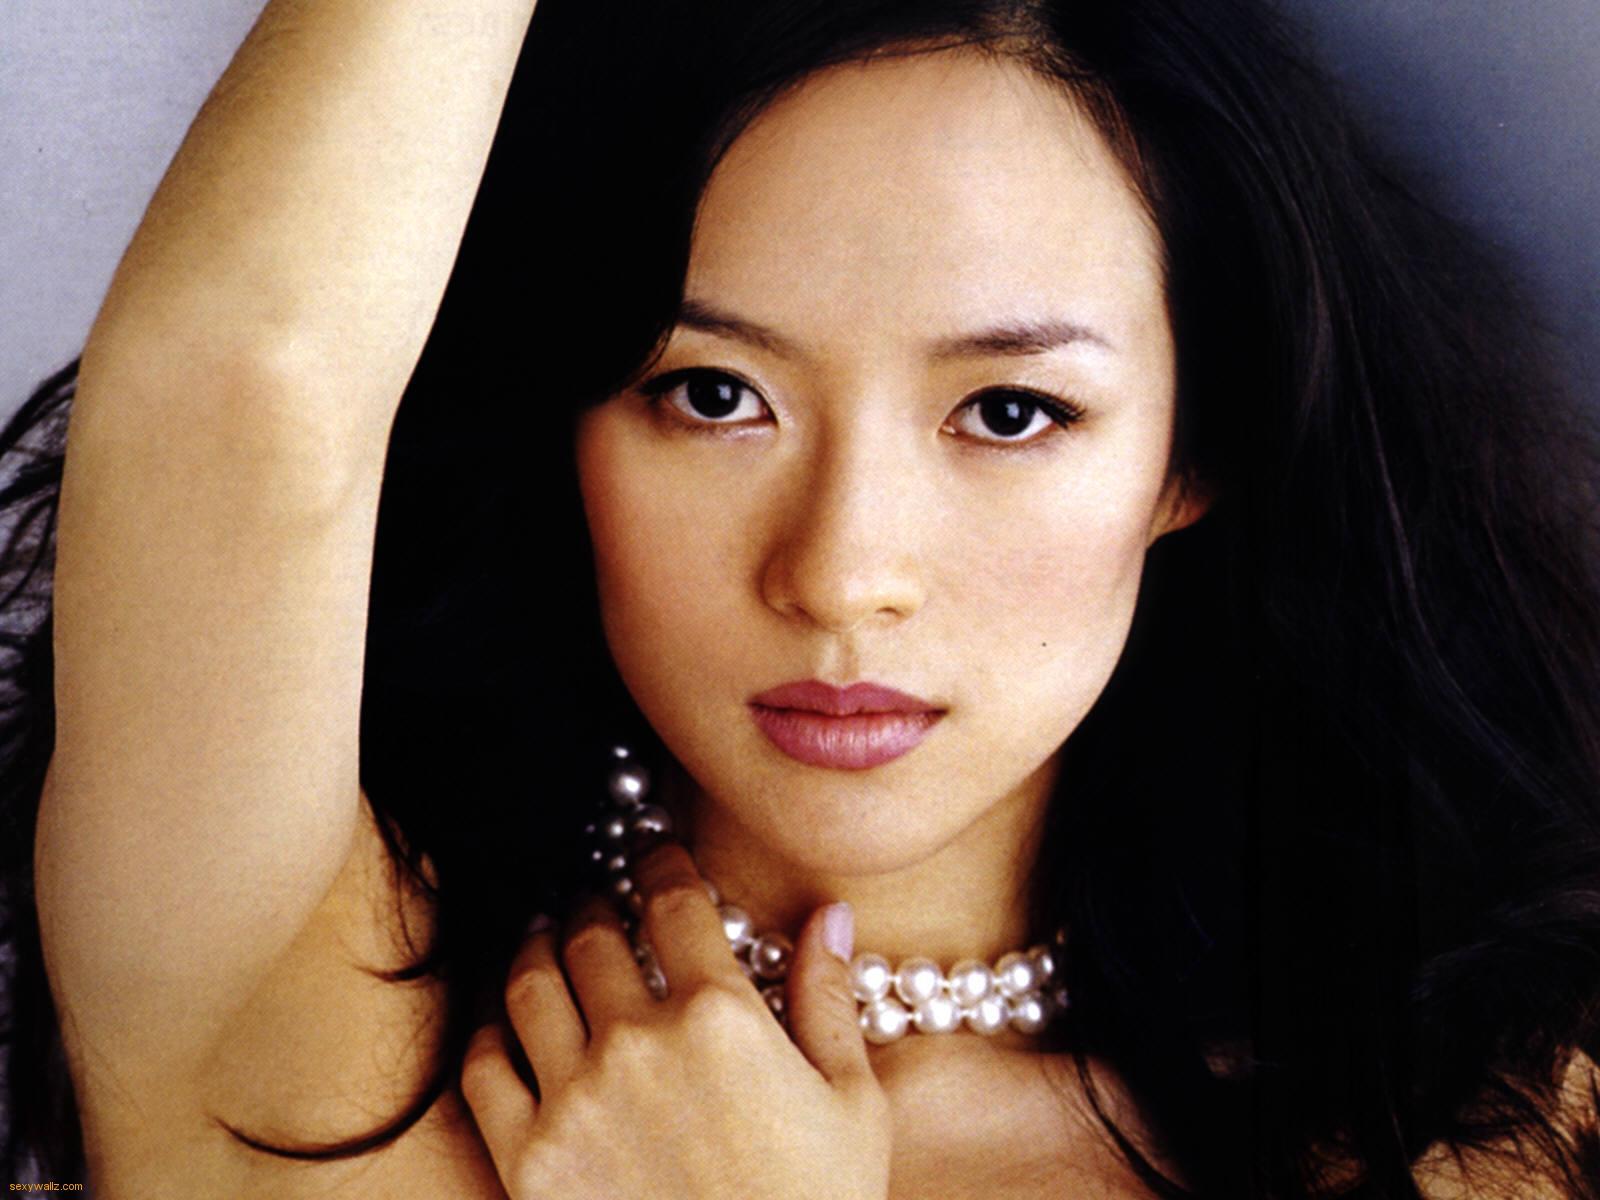 http://1.bp.blogspot.com/_GCTq22kc-q0/TFFk1Us04cI/AAAAAAAAAcI/igfEDnJ-3-4/s1600/zhang-ziyi-mulan.jpg